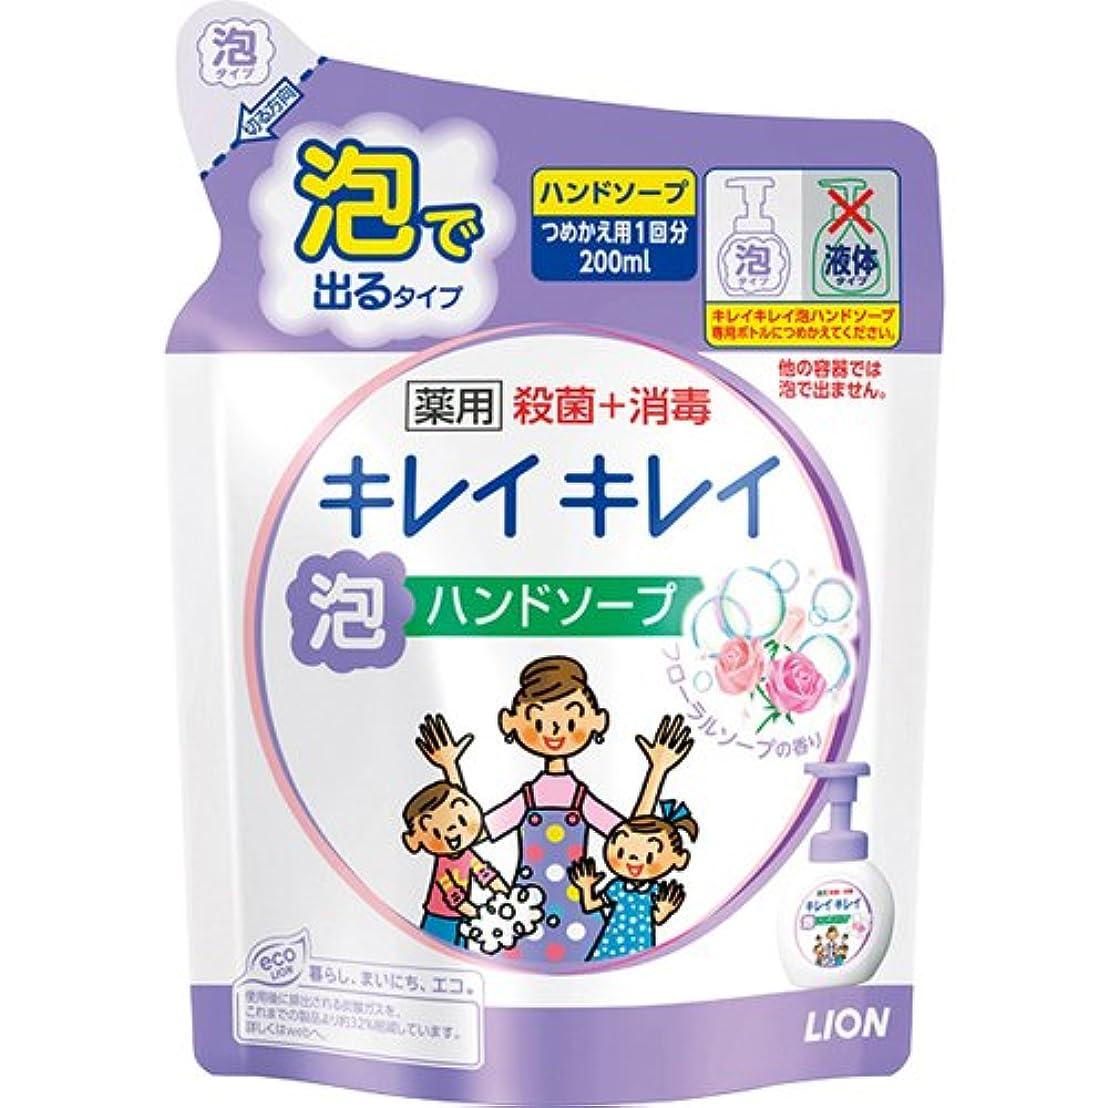 ジャンプフォルダリッチキレイキレイ 薬用泡ハンドソープ フローラルソープの香り つめかえ用 200mL(医薬部外品) ライオン